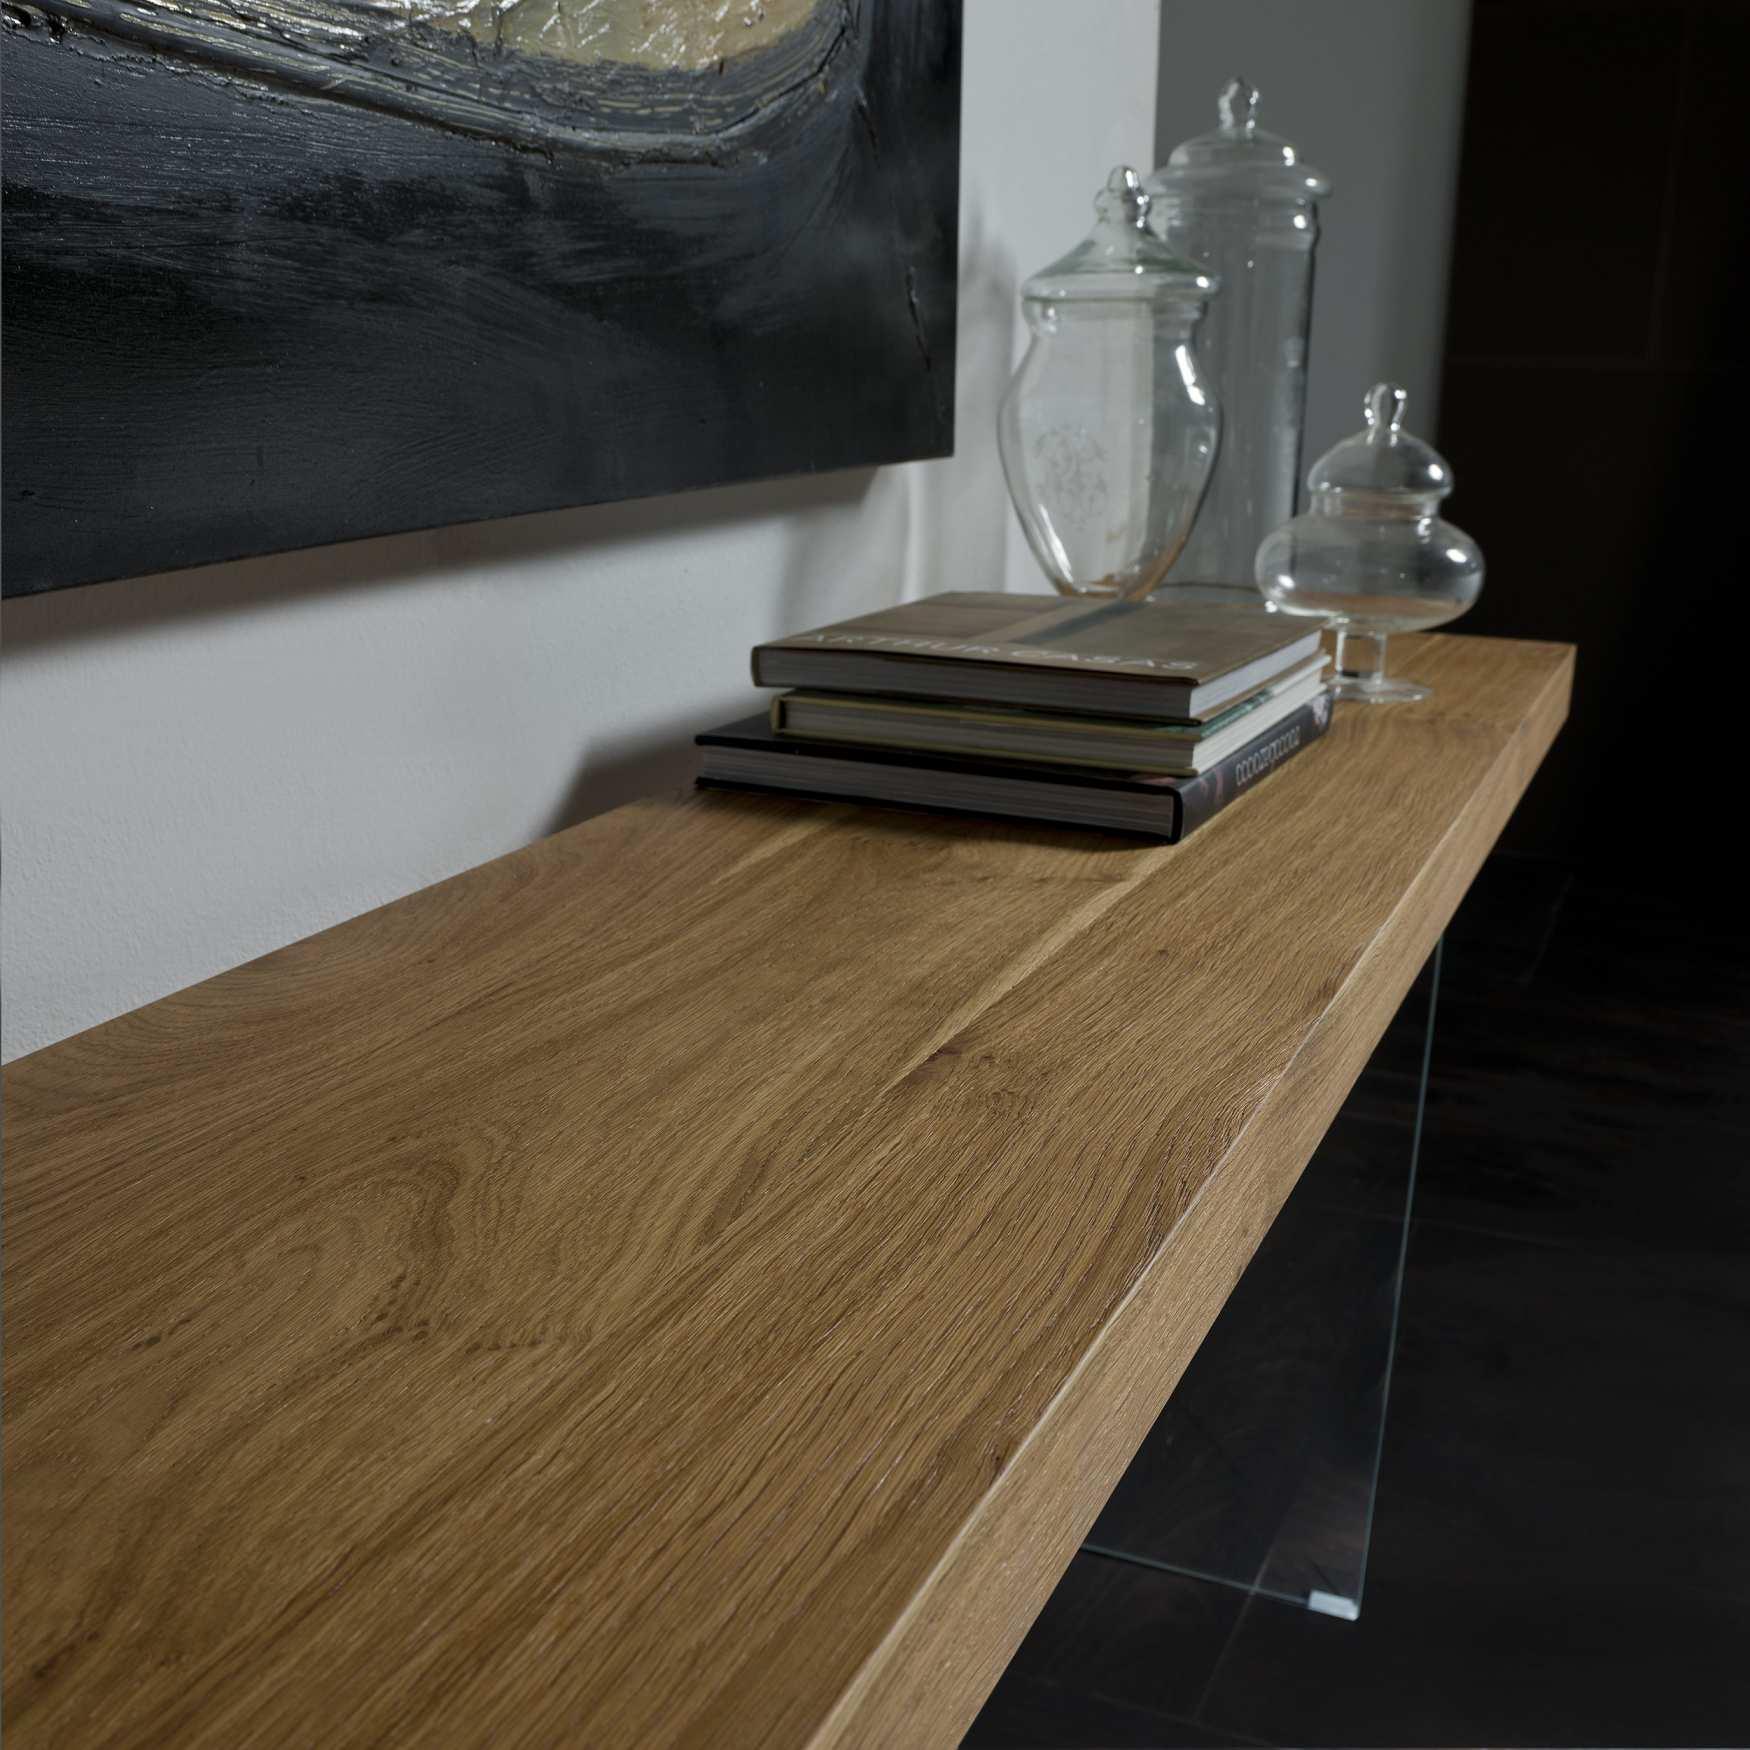 Consolle moderna legno e cristallo Flai | milanomondo